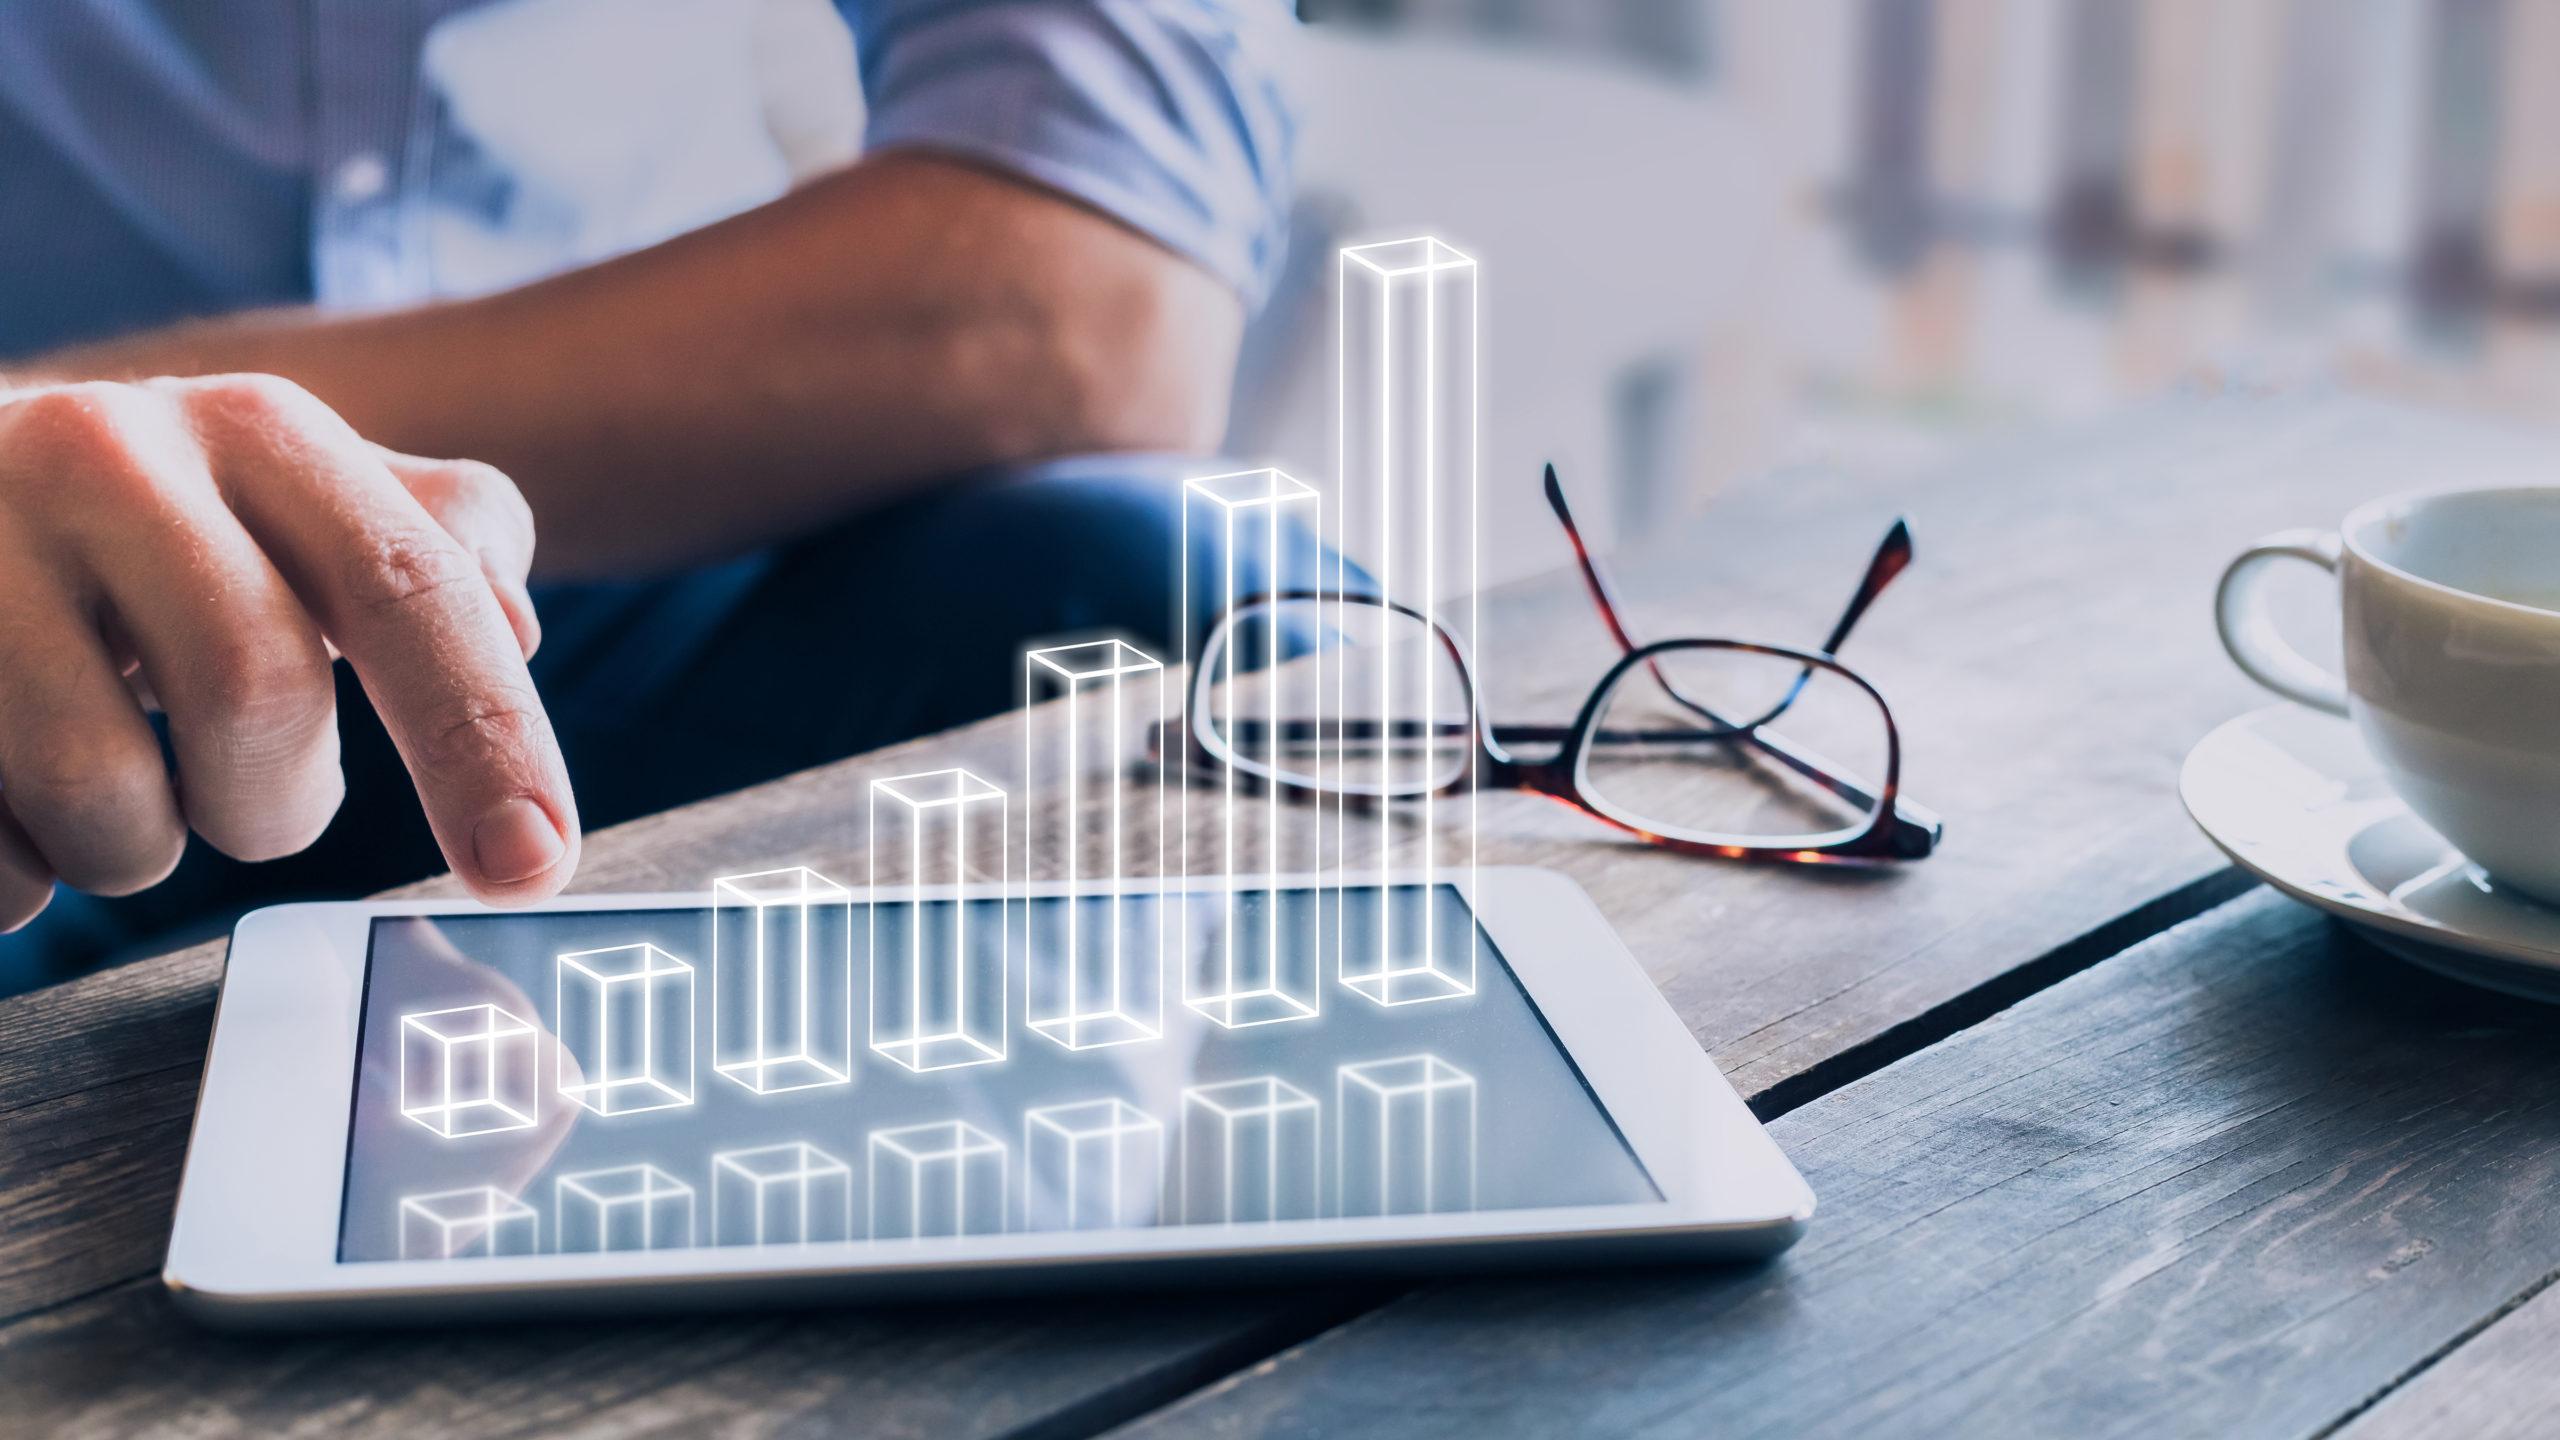 Geschäftsmann, der ein wachsendes 3D-AR-Diagramm analysiert, das über einem digitalen Tablet-Computerbildschirm schwebt und eine erfolgreiche Steigerung des Geschäftsgewinns anzeigt